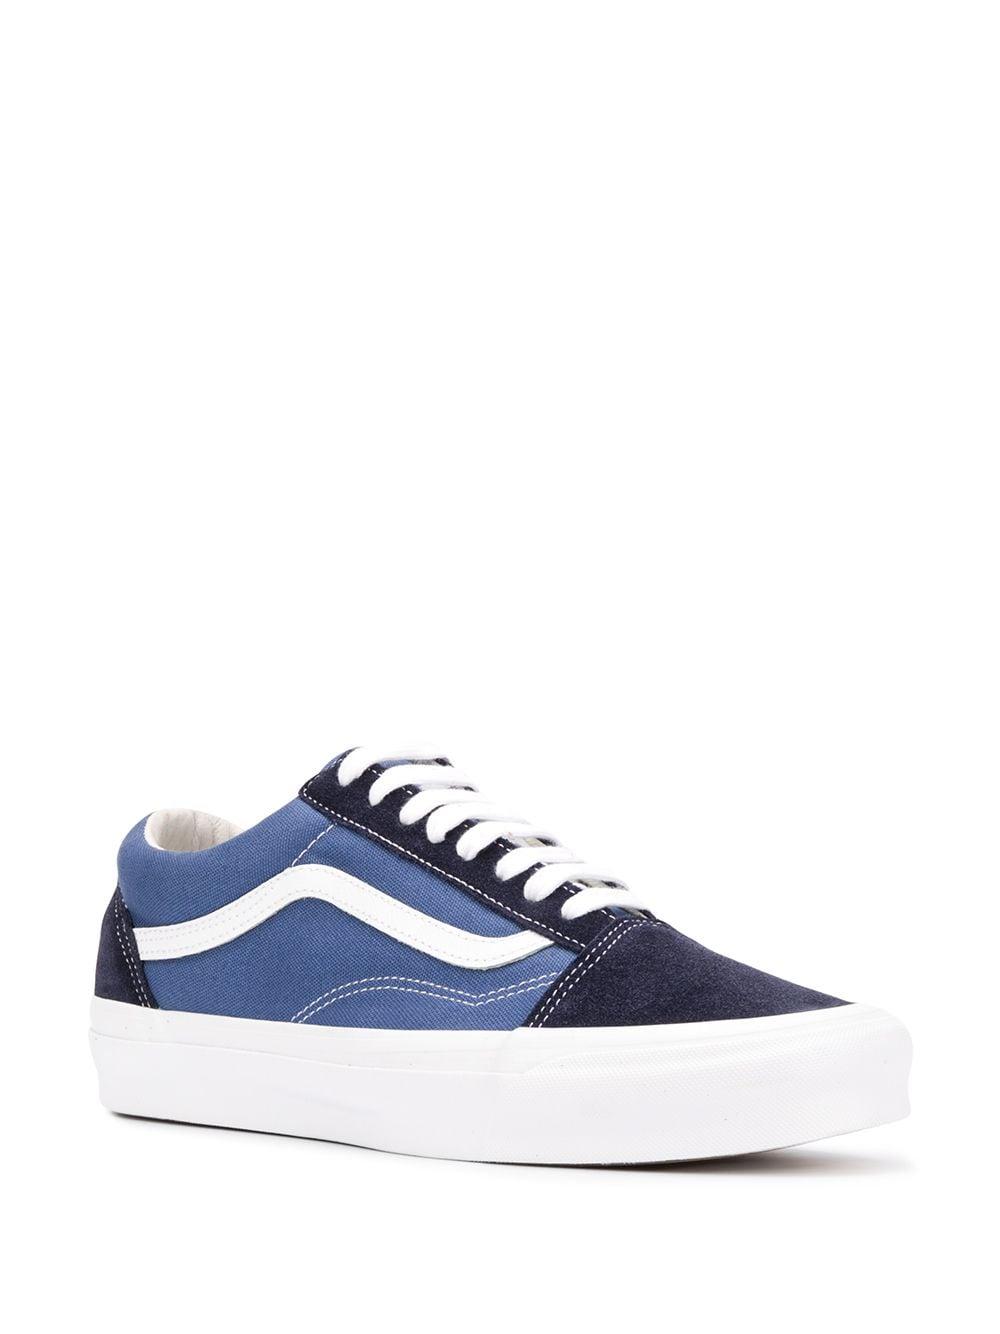 sneakers og old skool lx unisex multicolor VANS VAULT   Sneakers   VN0A4P3X5OC1